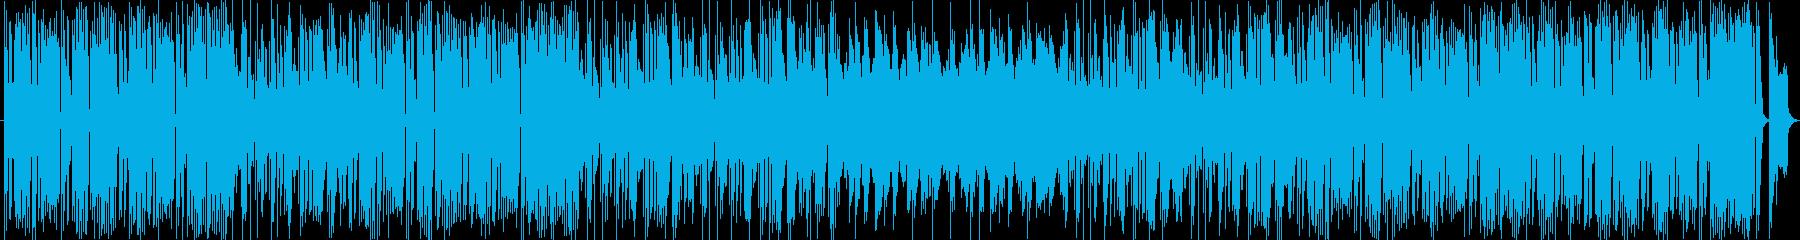 底抜けに明るくて可愛いエレクトロ・ポップの再生済みの波形